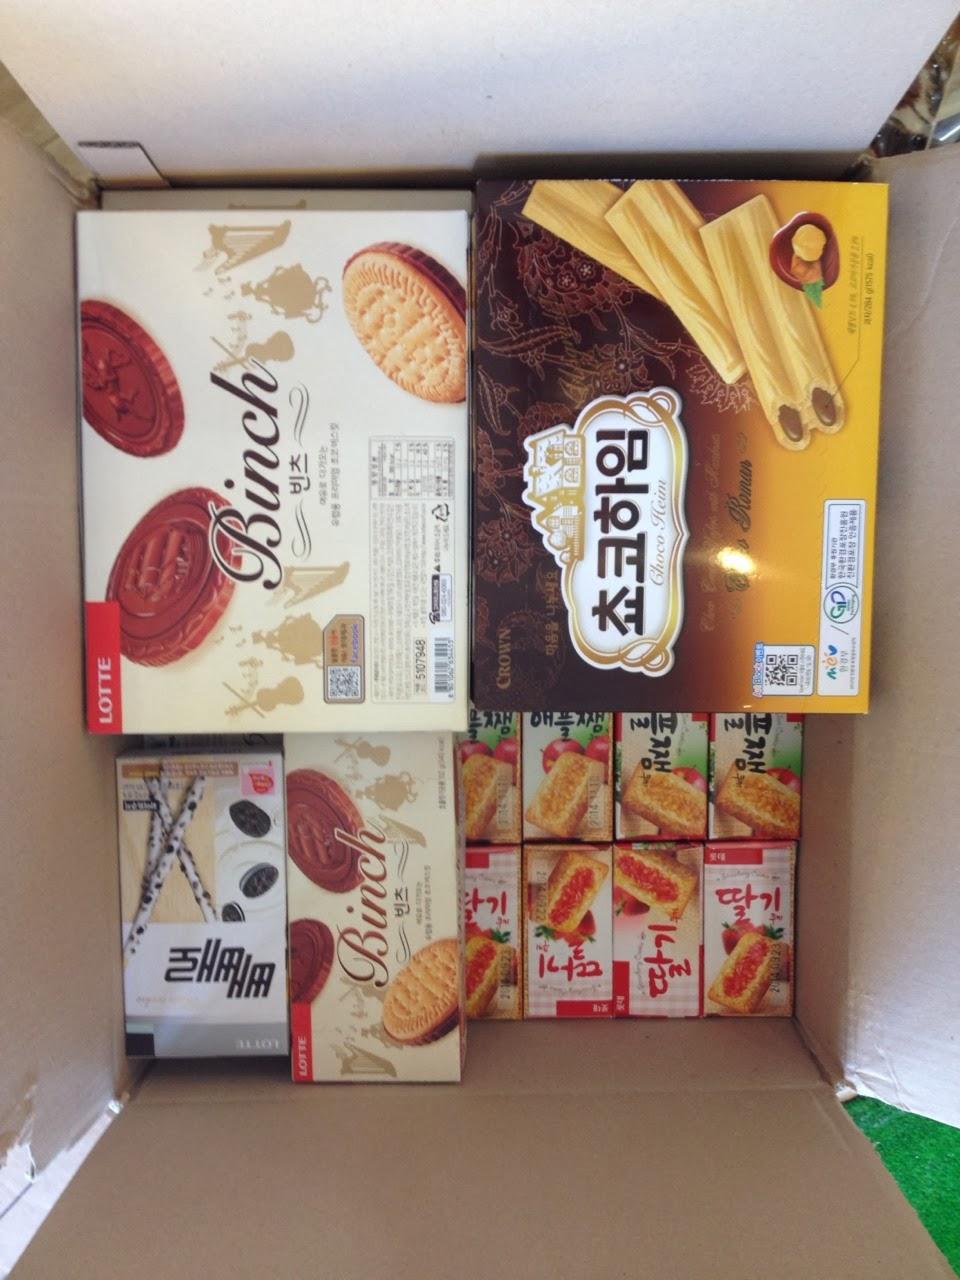 17茶, cocoling, CROWN, Letto, 三養, 代購, 好麗友, 巧克力, 年糕餅乾, 拉麵, 拍賣, 賓馳, 露天, 韓國, 預購, 魚蛋糕